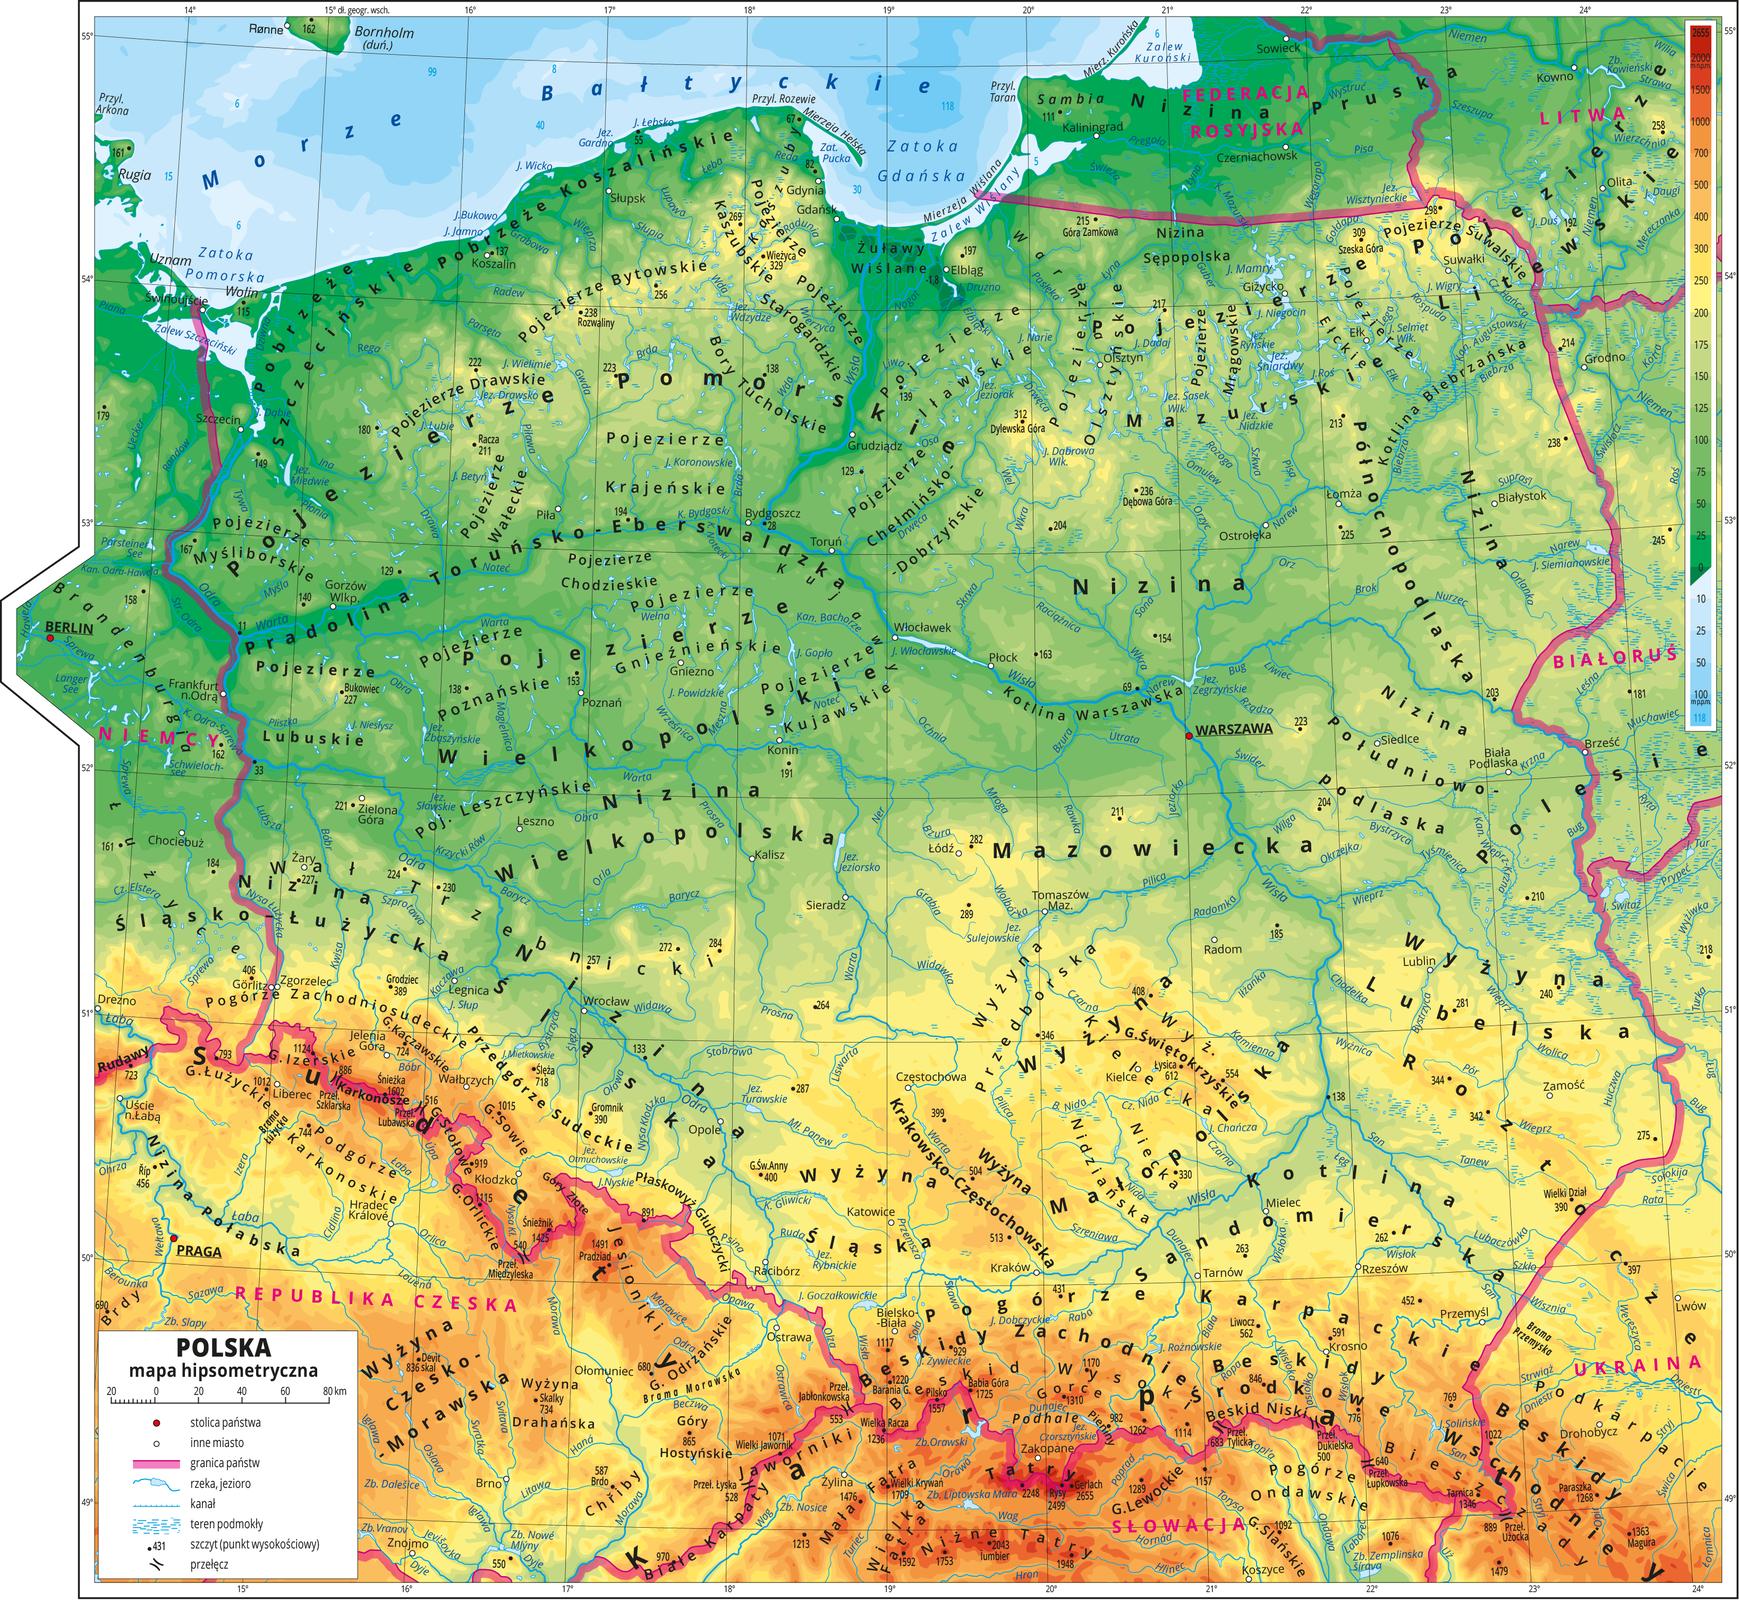 Mapa Polski zzaznaczonymi wysokościami terenu za pomocą barw: niziny – zielona, wyżyny -żółta, brązową, góry - czerwona.